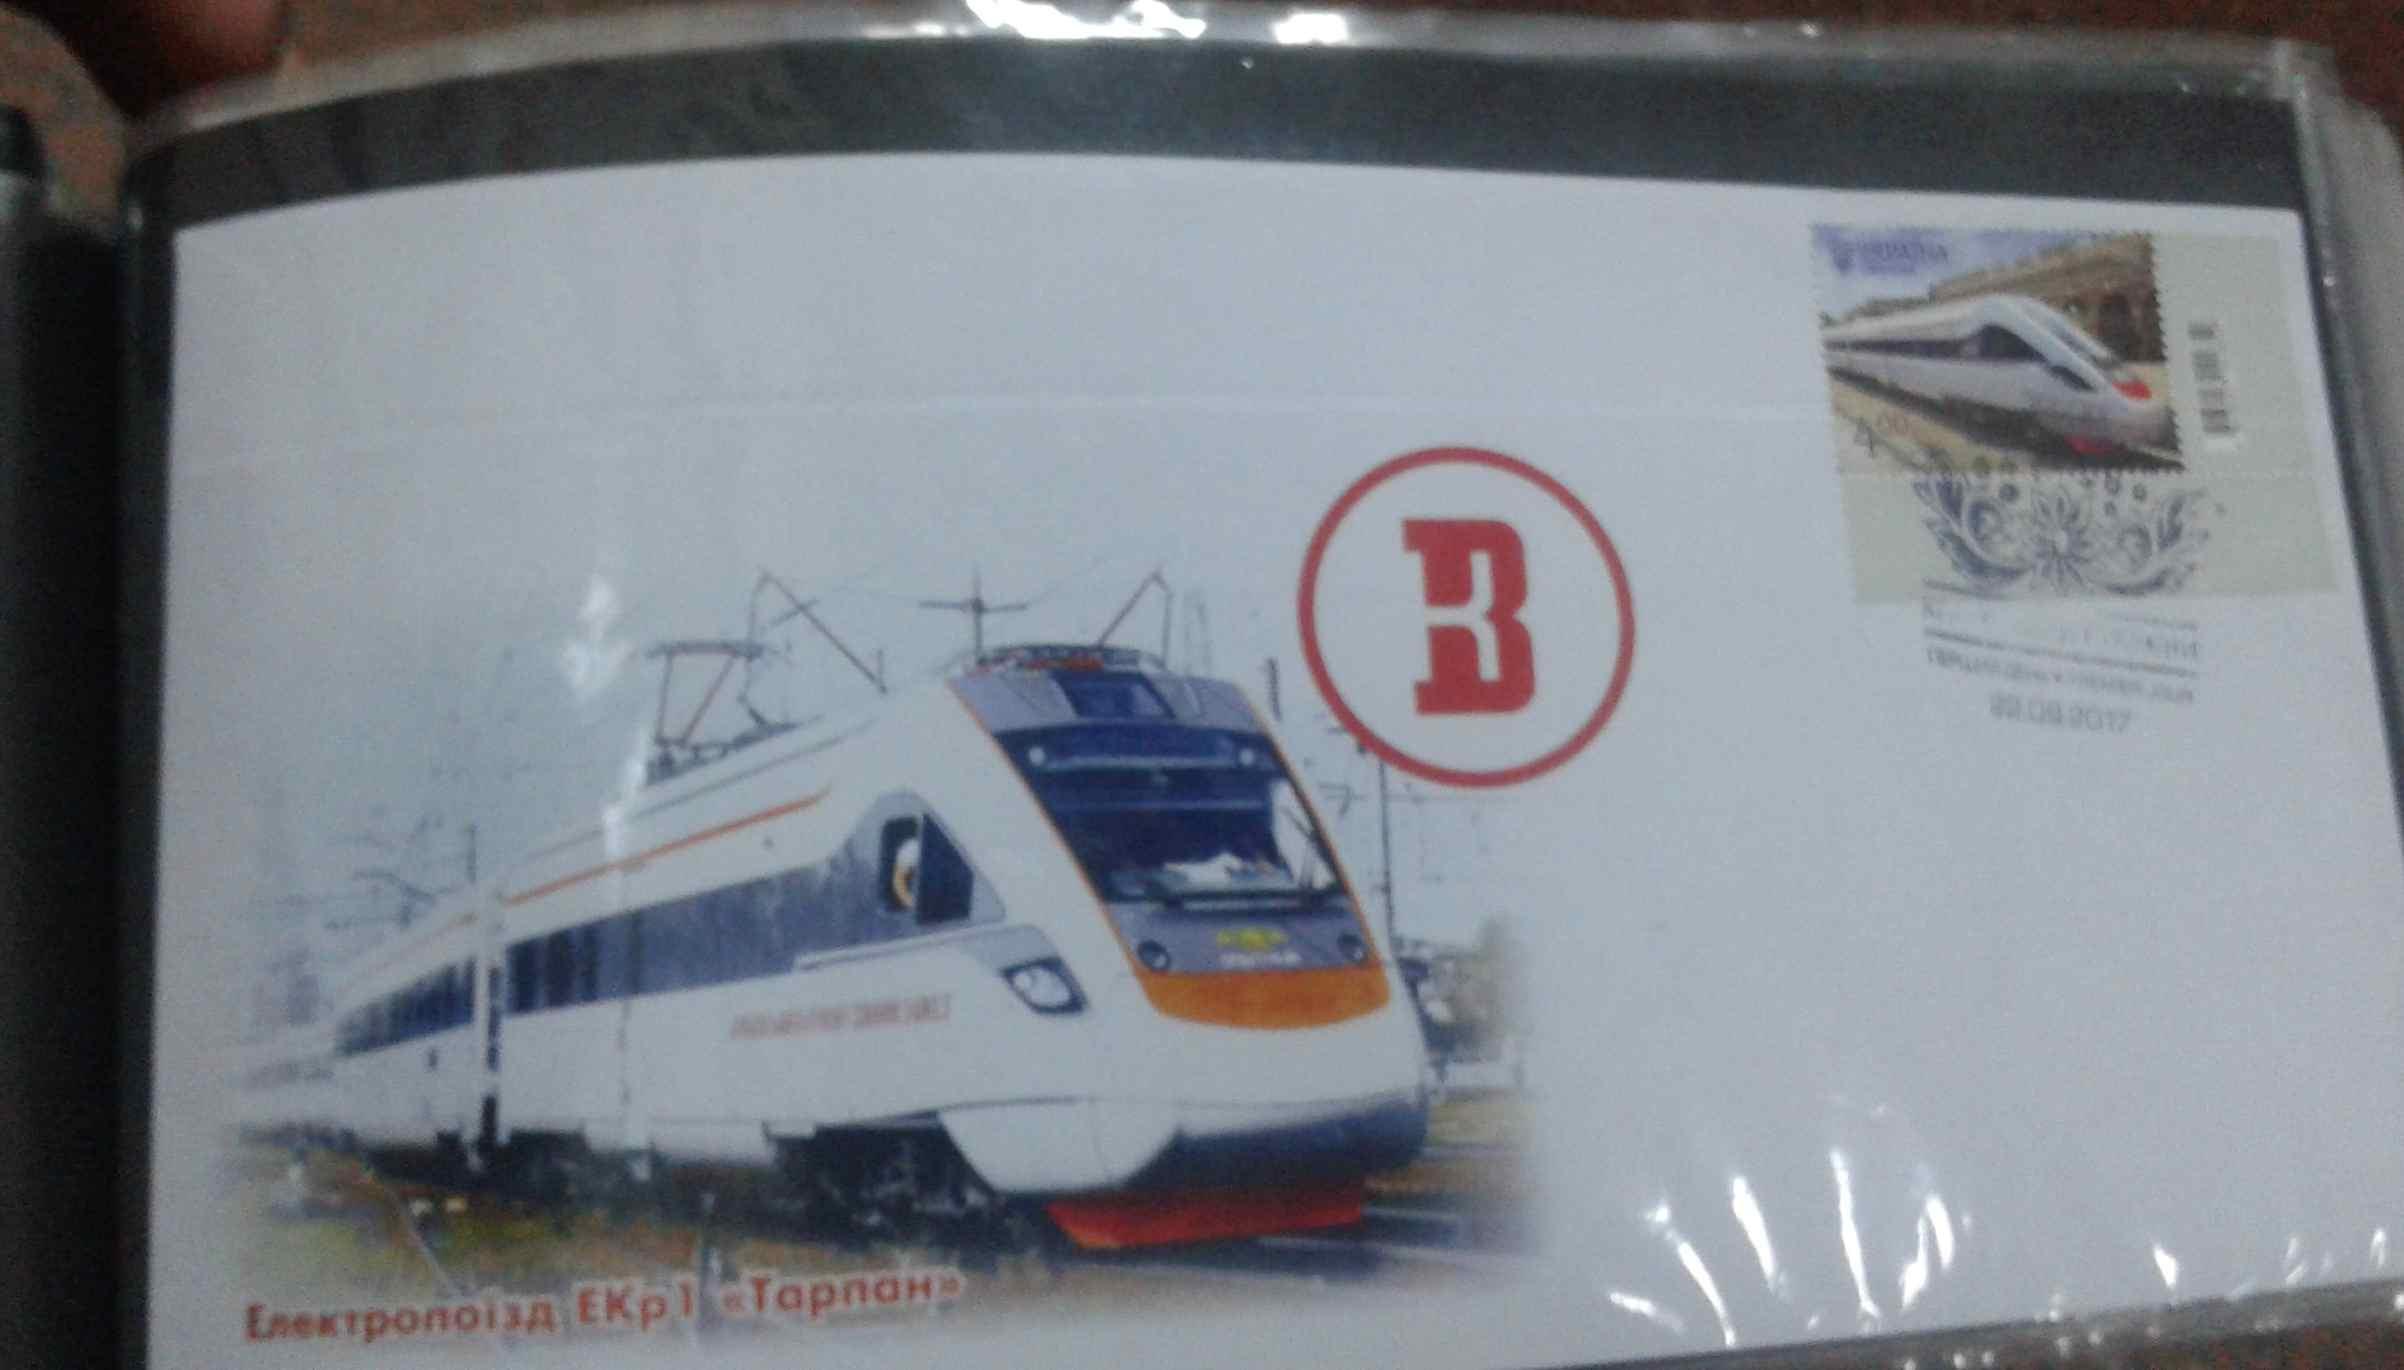 Конверт, присвячений першому швидкісному електропотягу Кр1-001 «Тарпан» та марка, випущена «Укрпоштою»